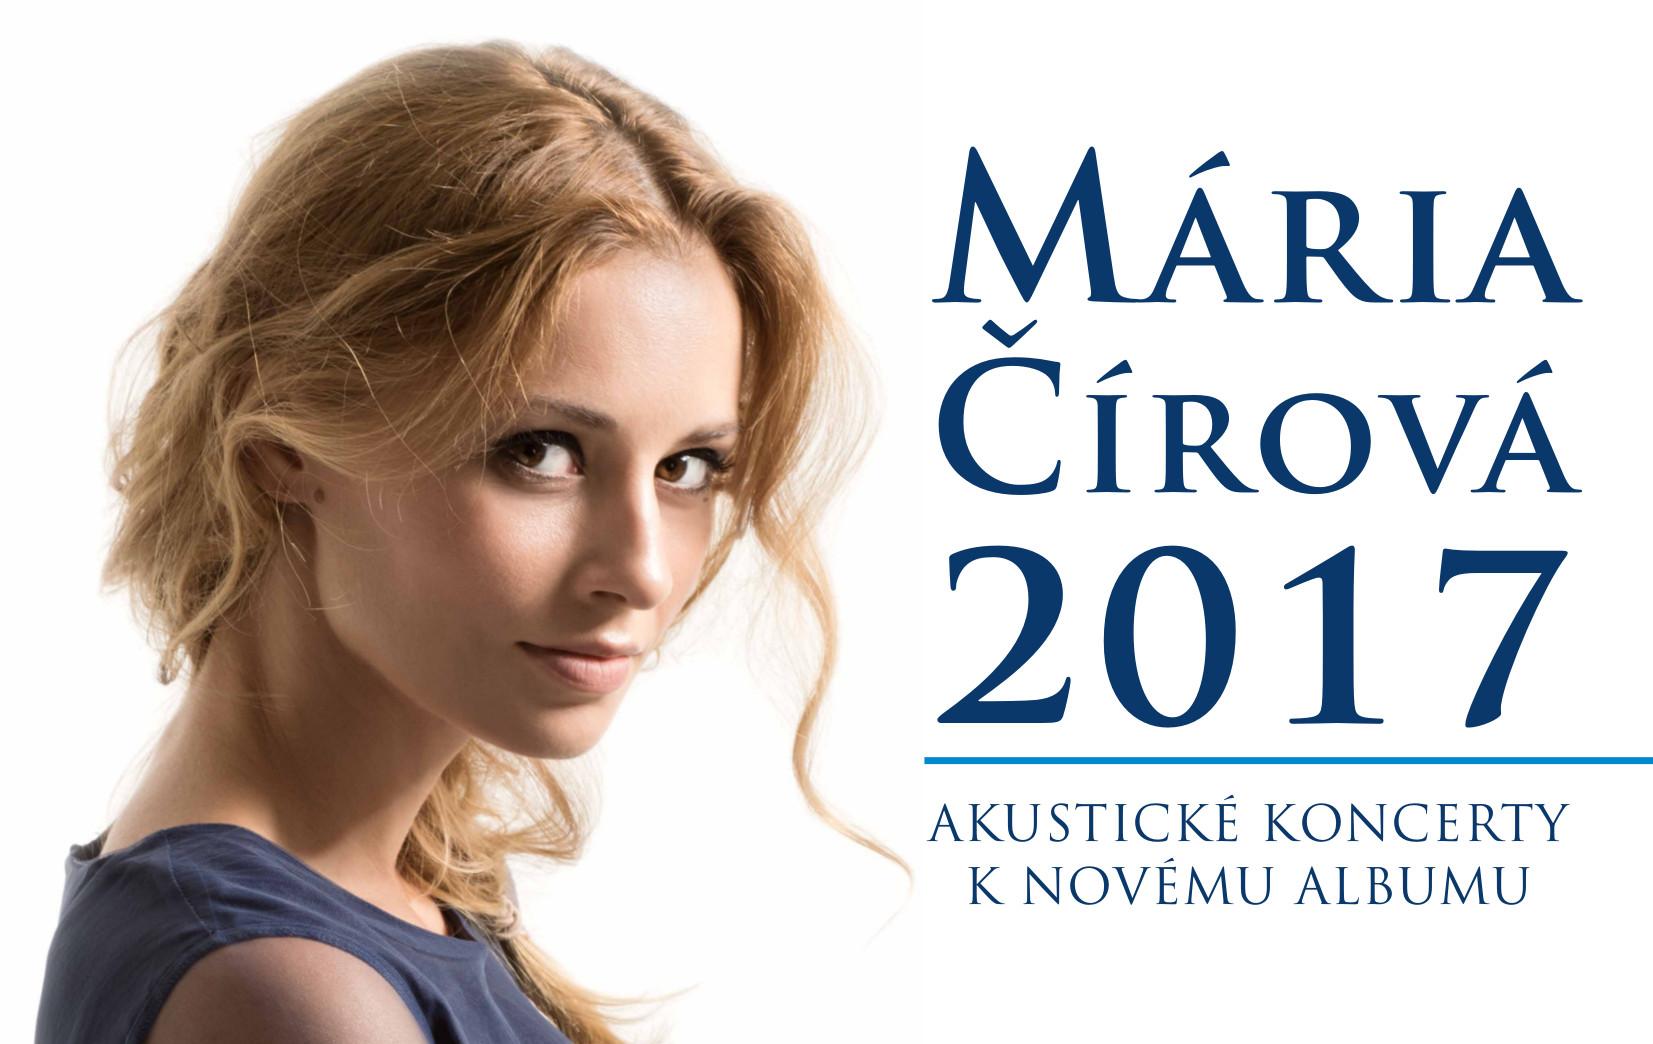 217a83ca360db MÁRIA ČÍROVÁ #2017 Akustický koncert - Katalóg firiem | moja Bystrica